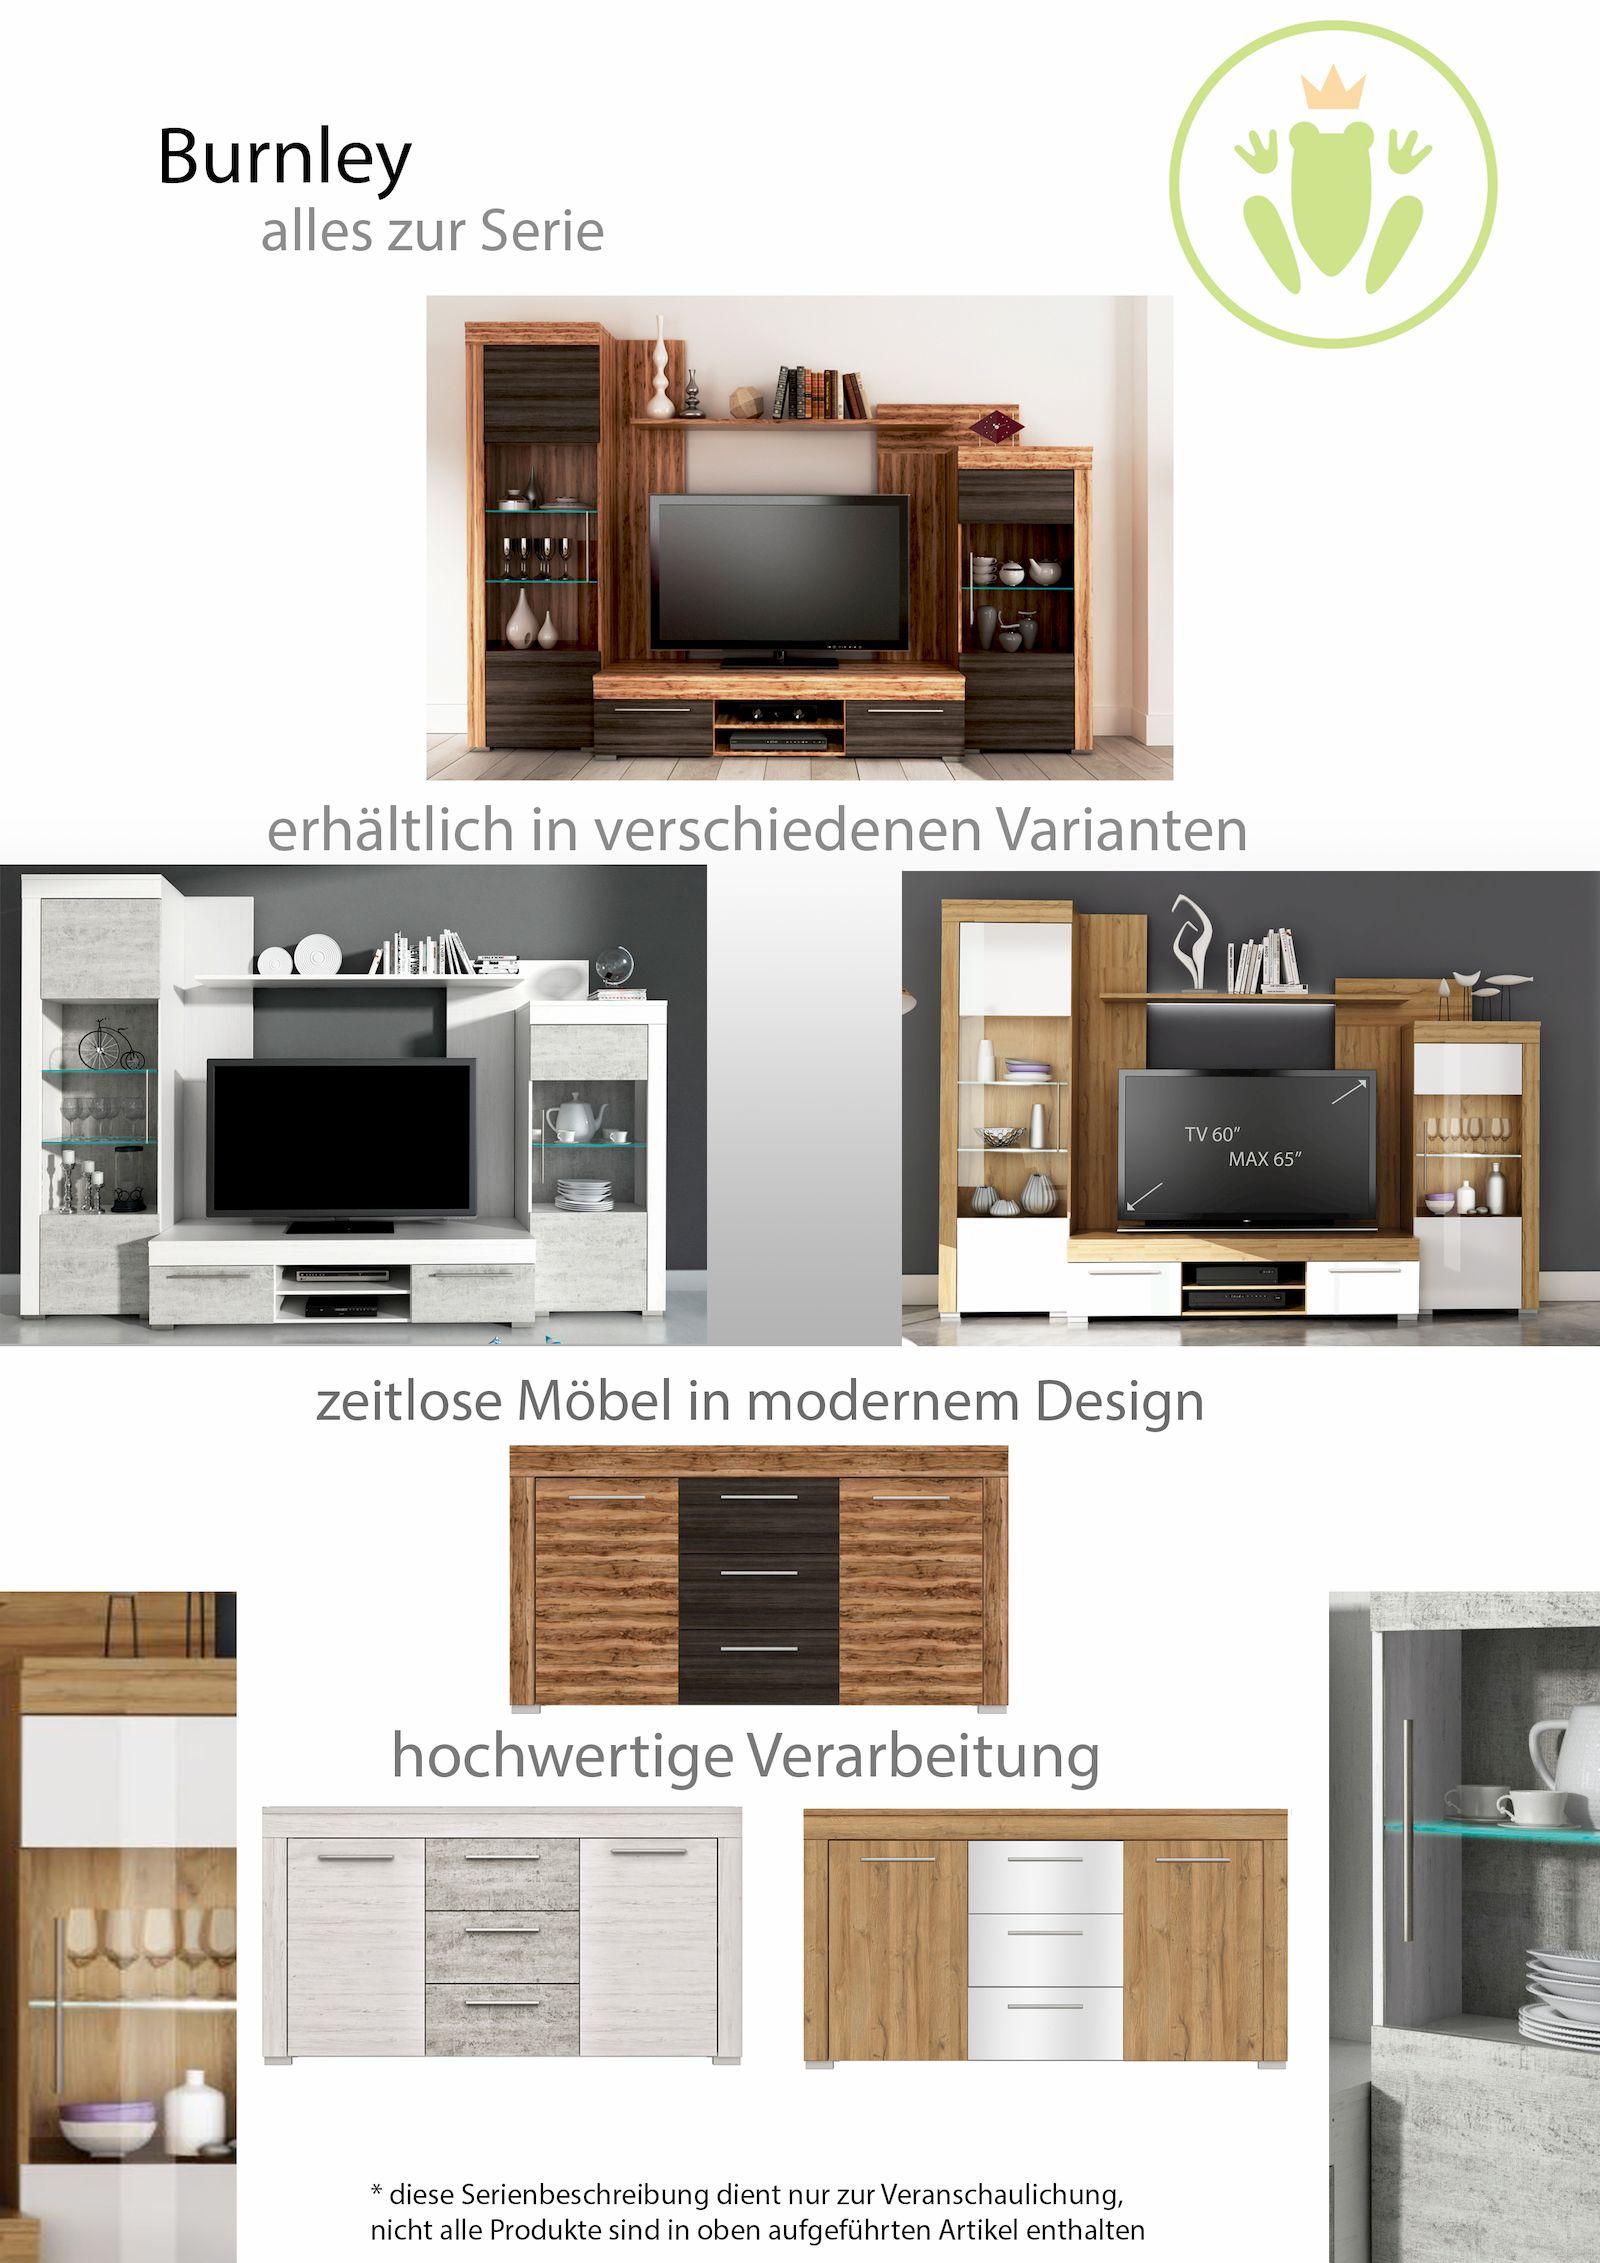 burnley 2 wohnwand betonoptik kiefer wei sch ner wohnen wohnw nde. Black Bedroom Furniture Sets. Home Design Ideas